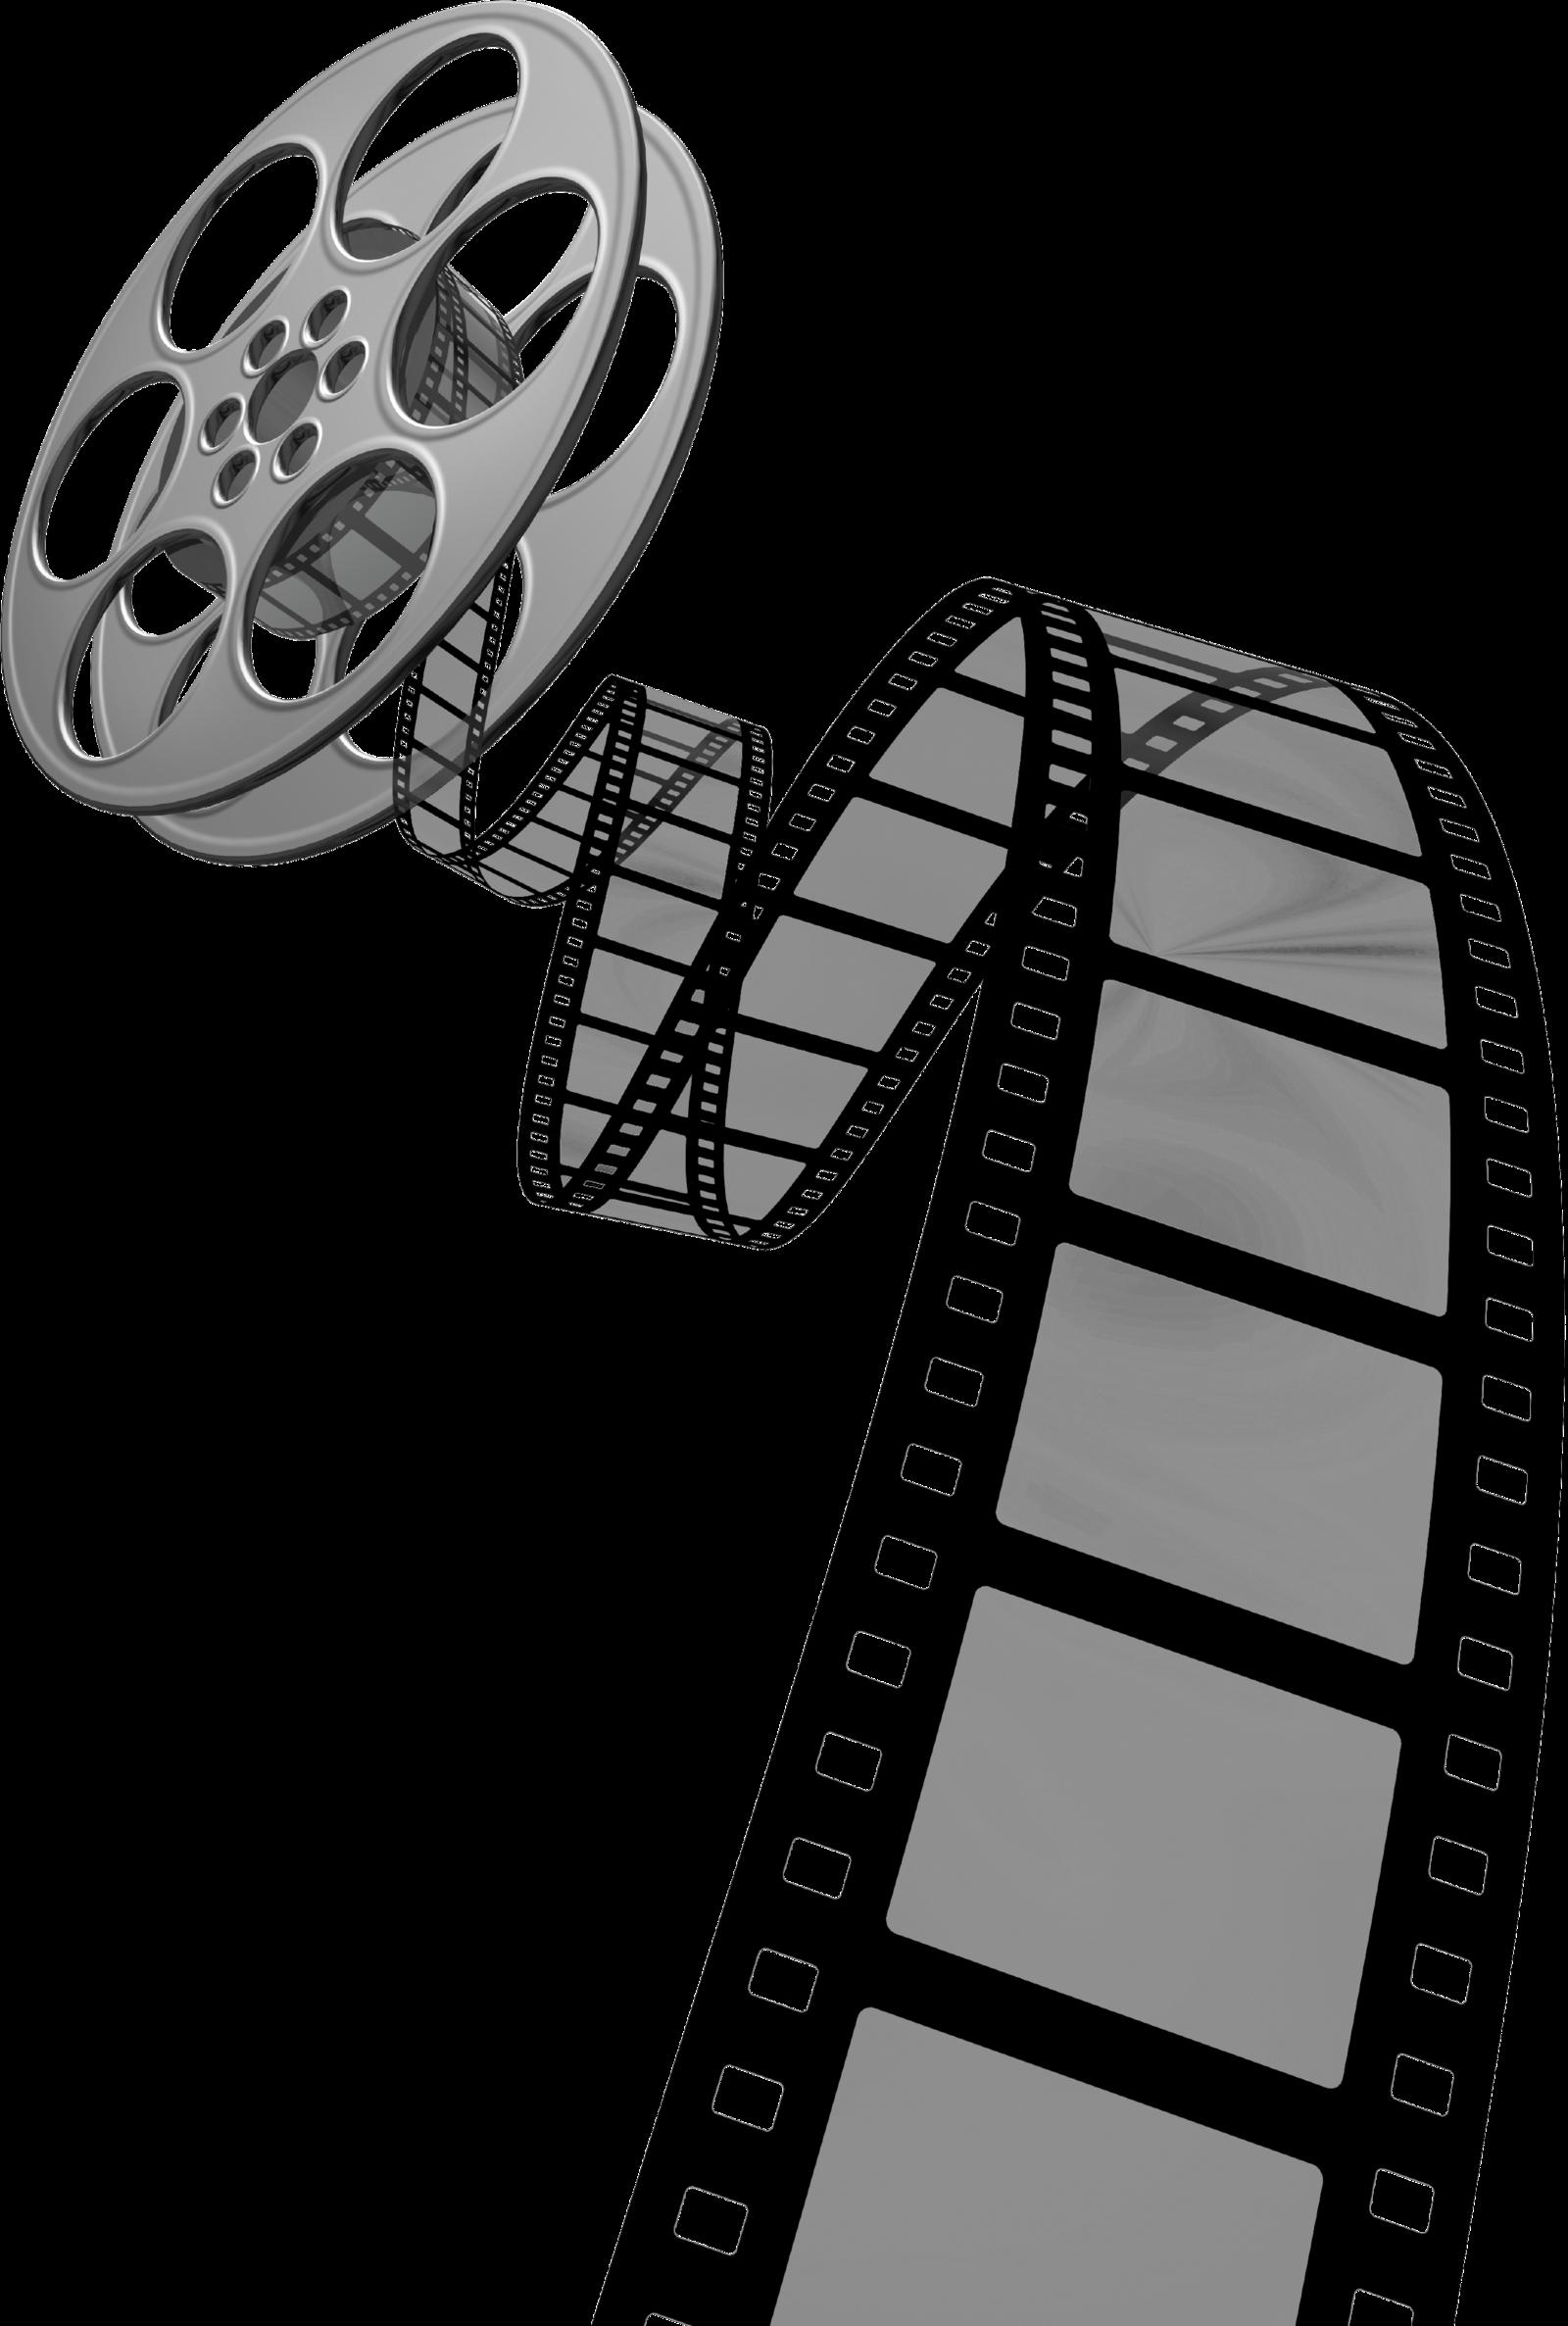 Movie Reel Film Reel Clip Art Image 2-Movie reel film reel clip art image 2-12